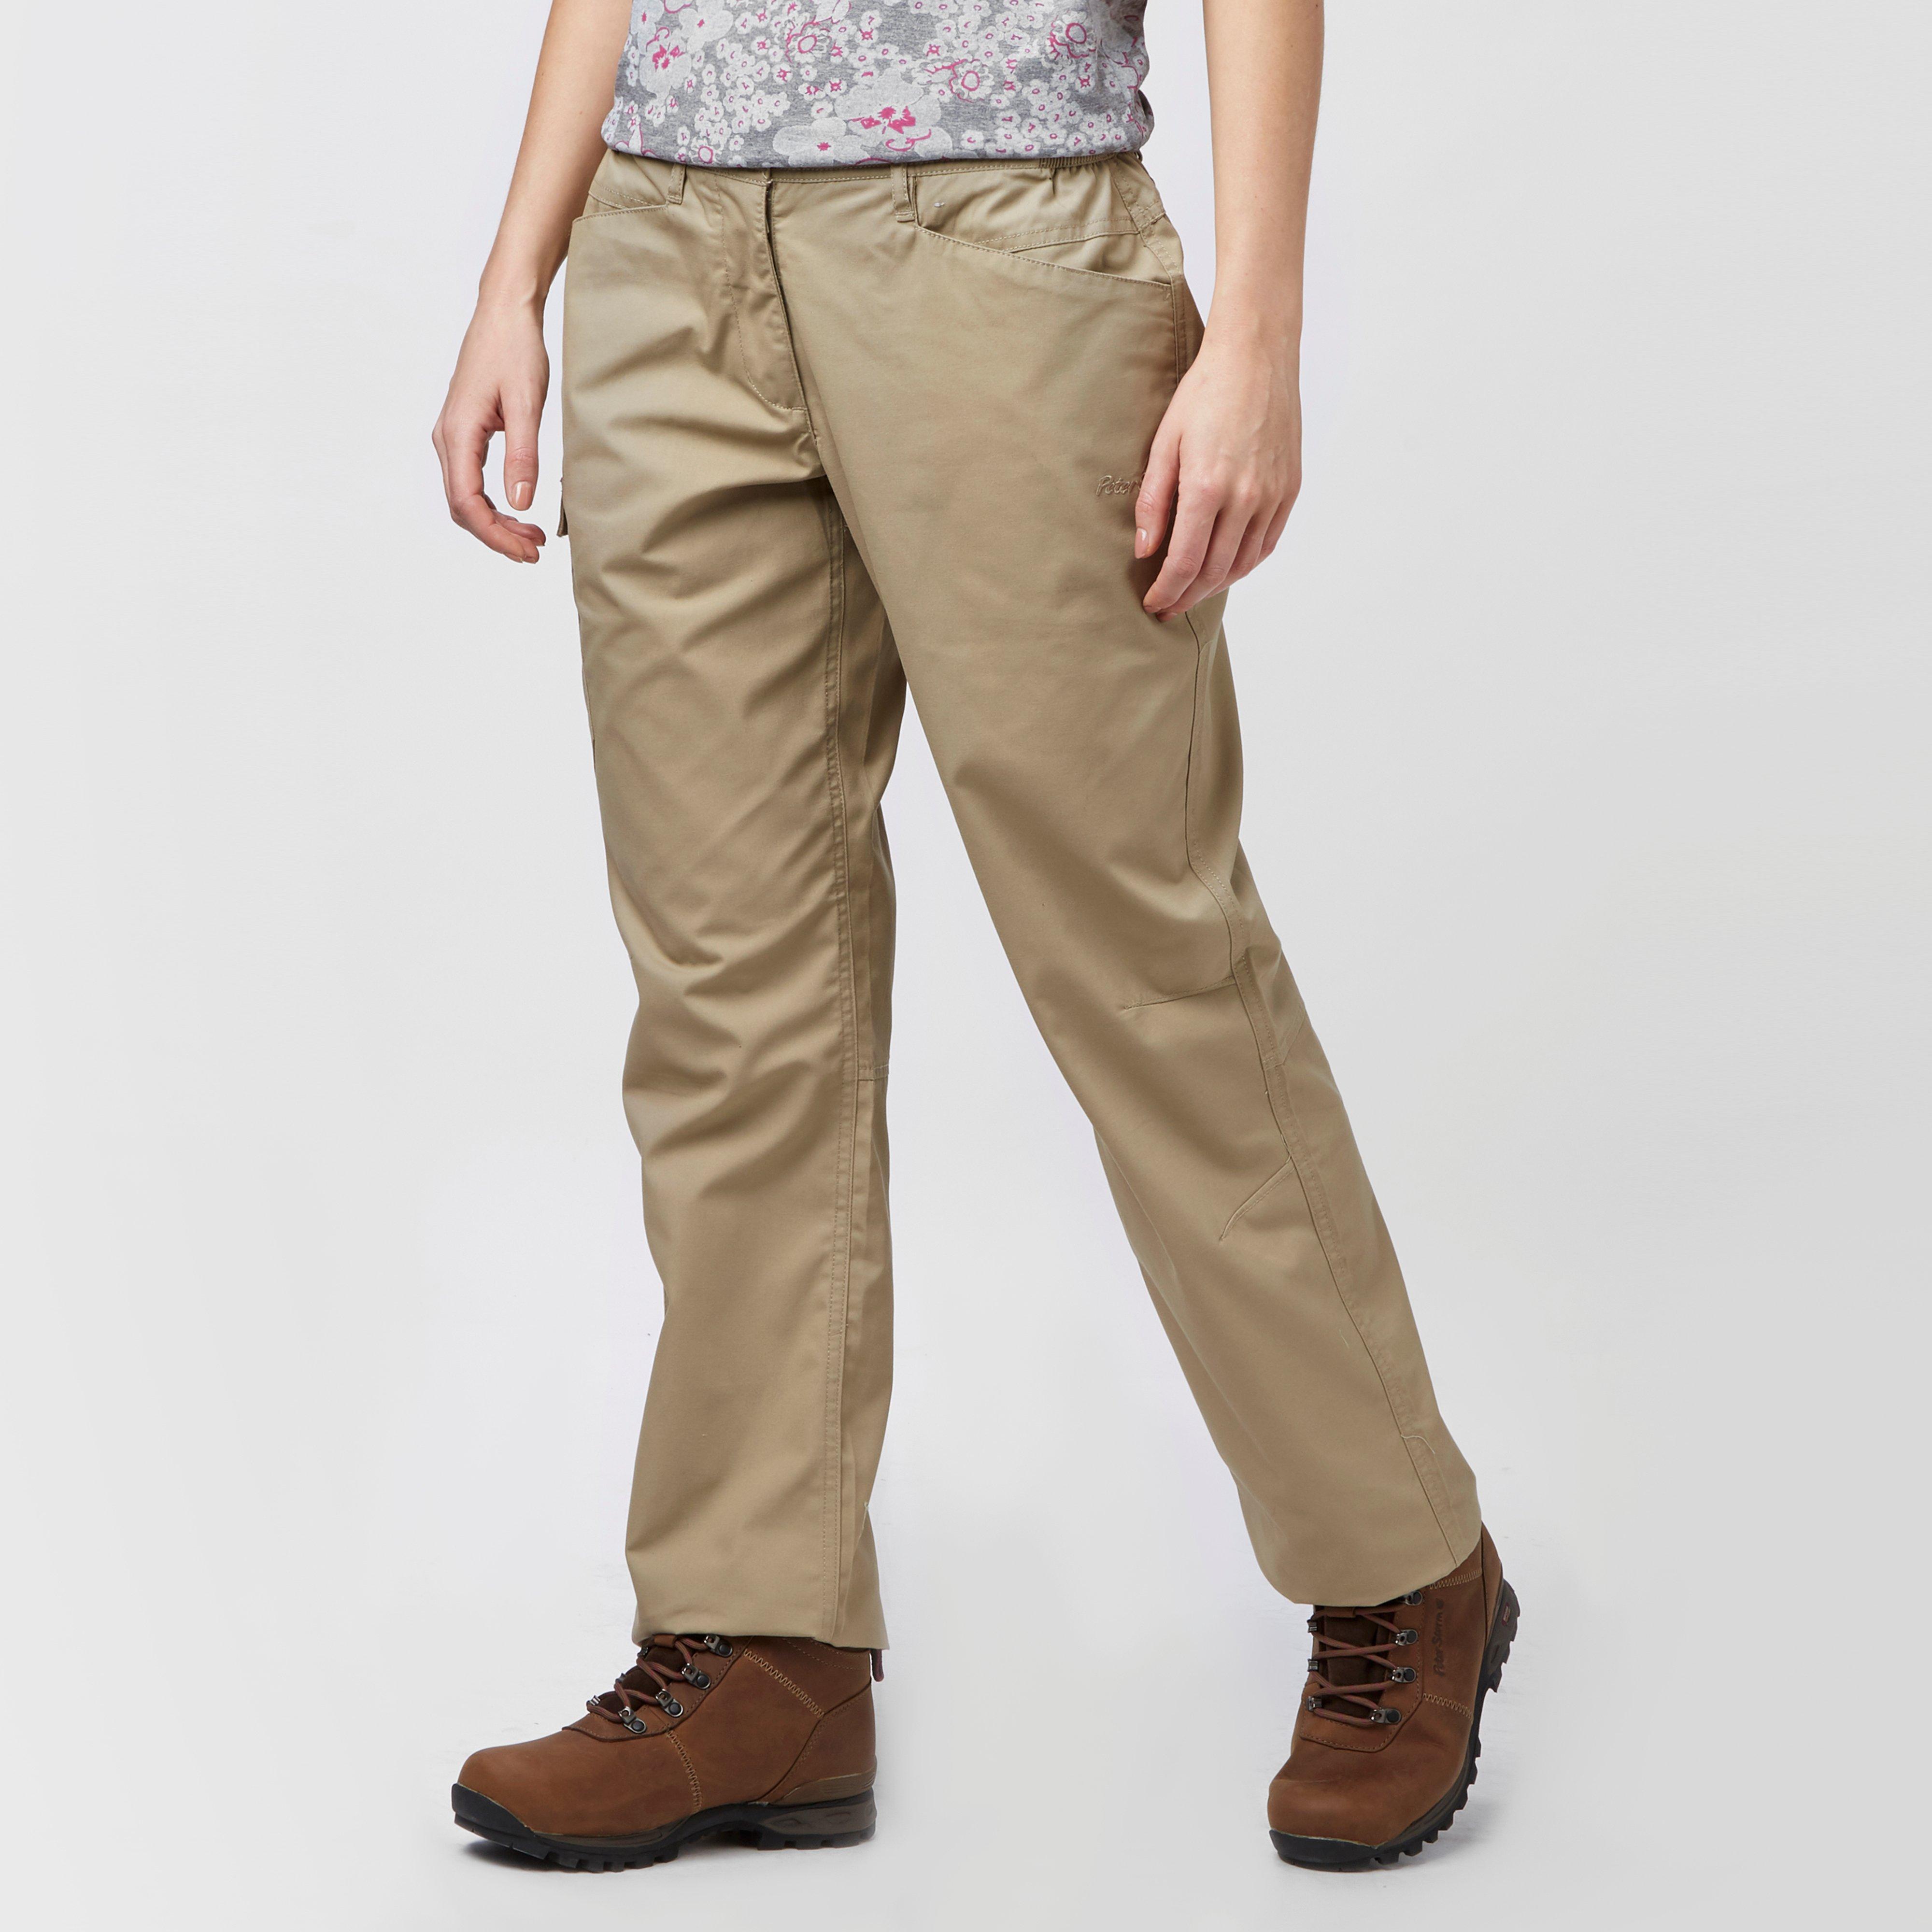 Peter Storm Peter Storm womens Ramble II Trousers (Regular) - Beige, Beige